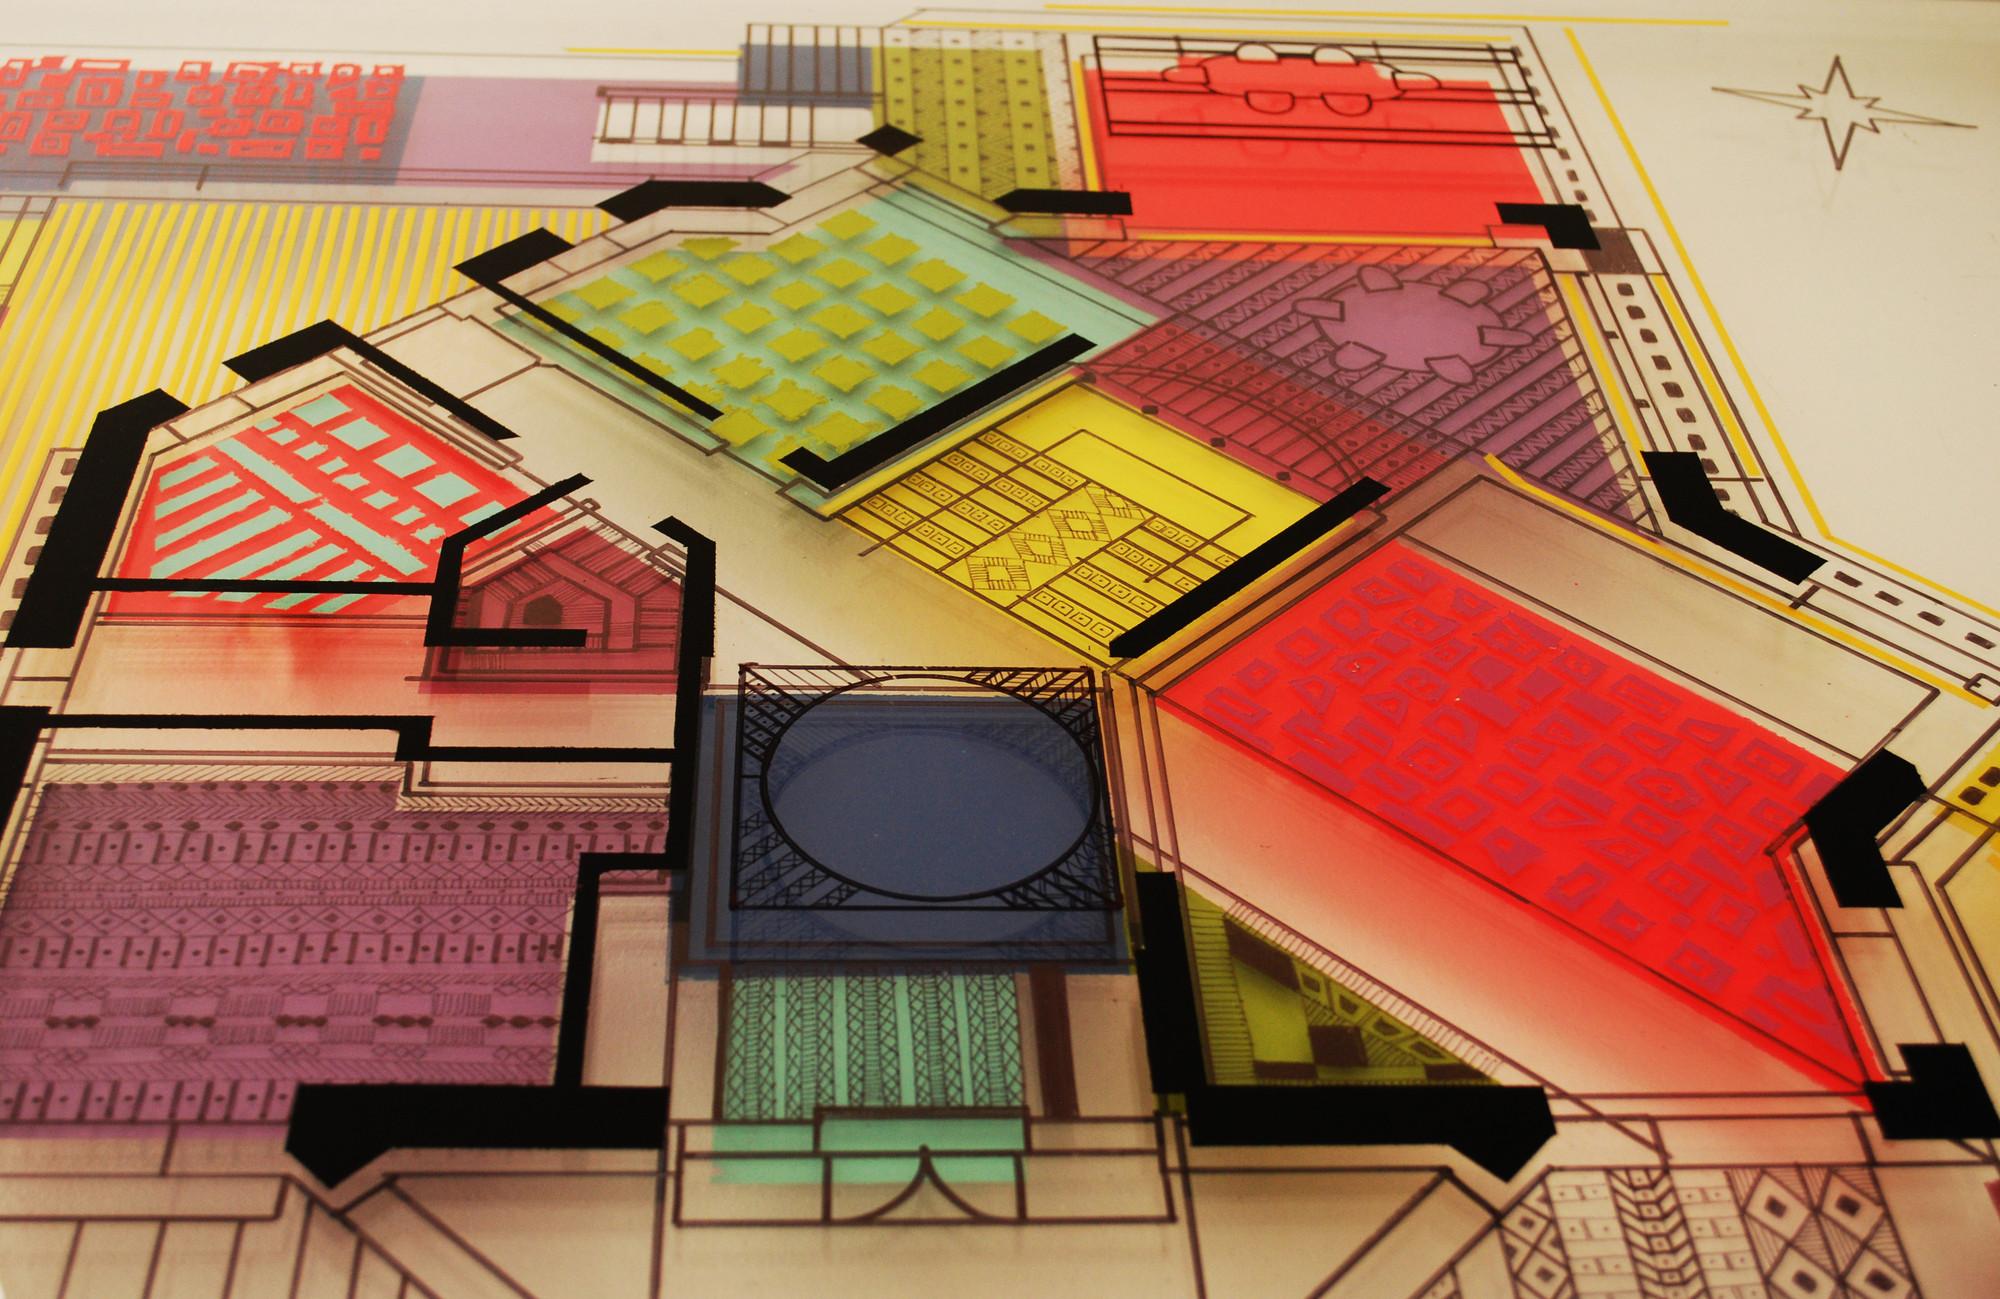 Arte y Arquitectura: Reinterpretación de planos arquitectónicos por Isabel Geisse, © Cortesía Isabel Geisse